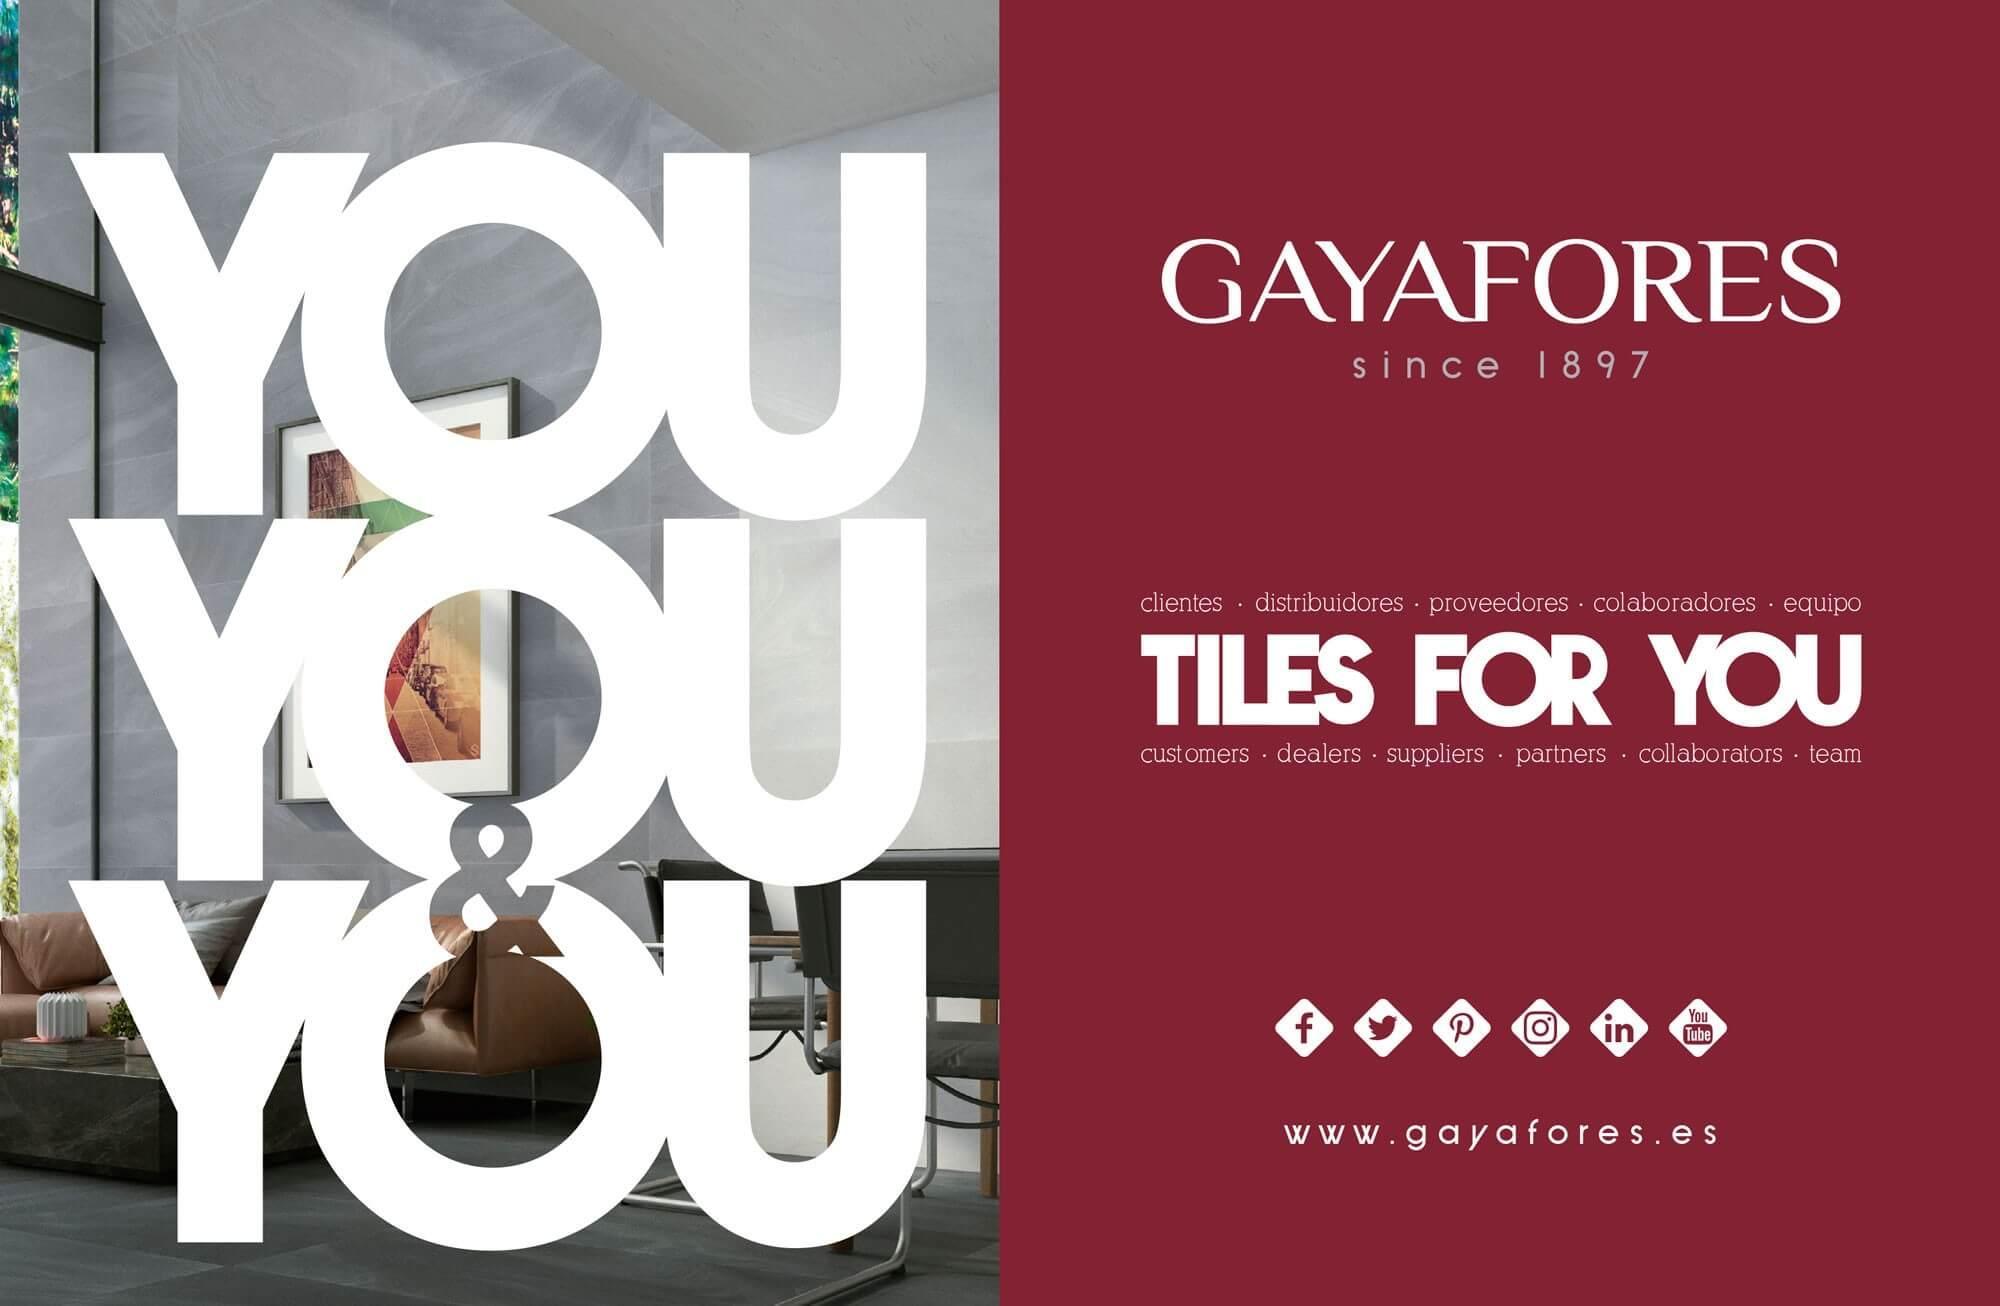 cevisama 2018 - Gayafores apuesta por un 2018 apasionante en su 120 aniversario